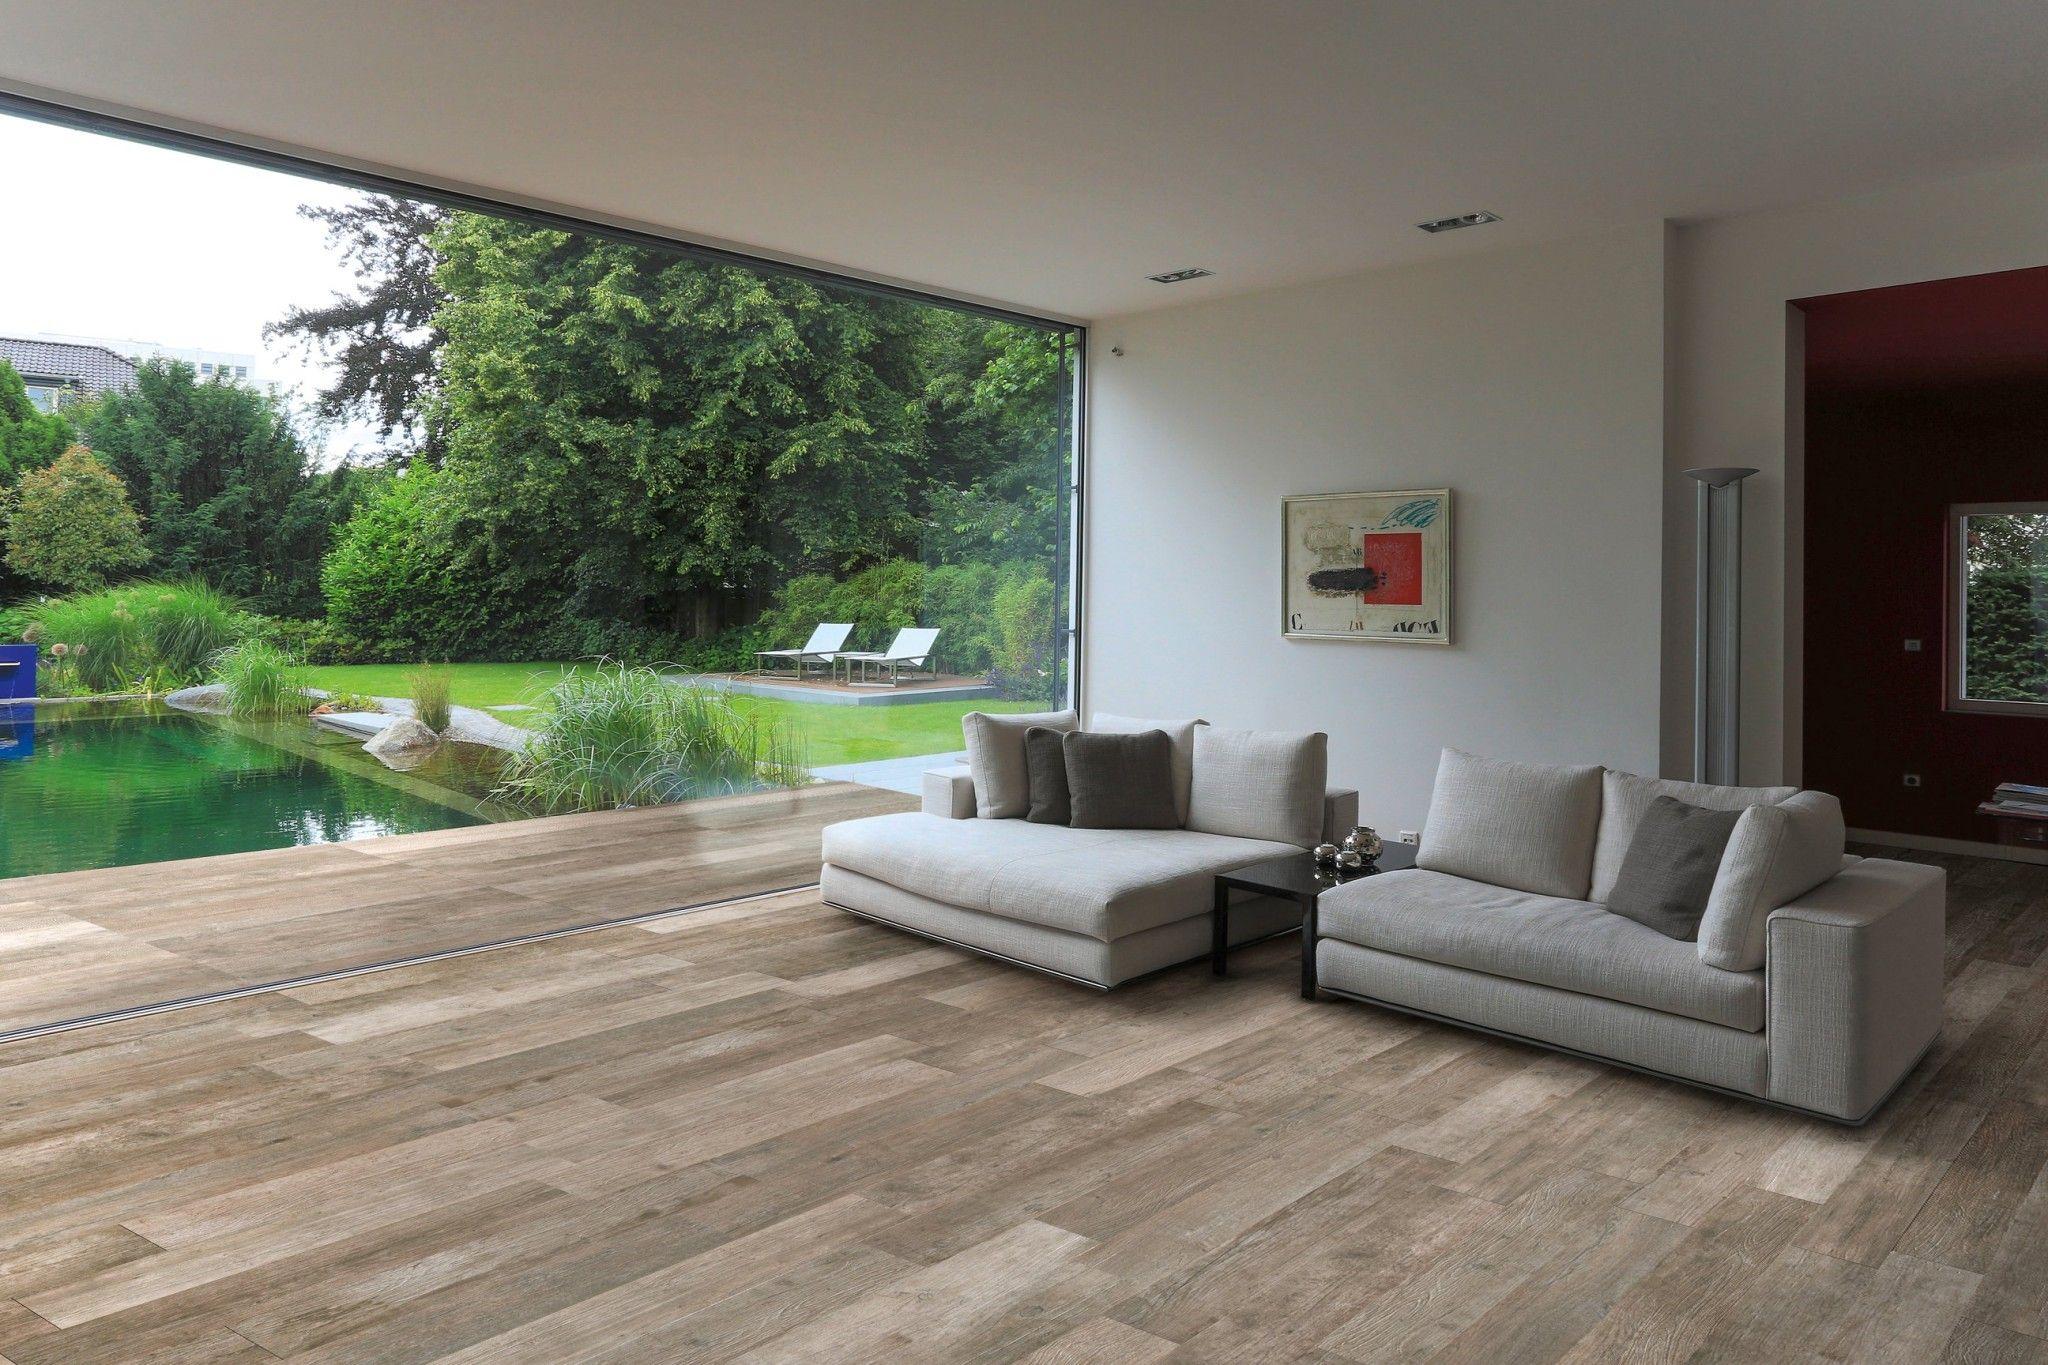 Afbeeldingsresultaat voor tegels houtlook buiten home sweet home